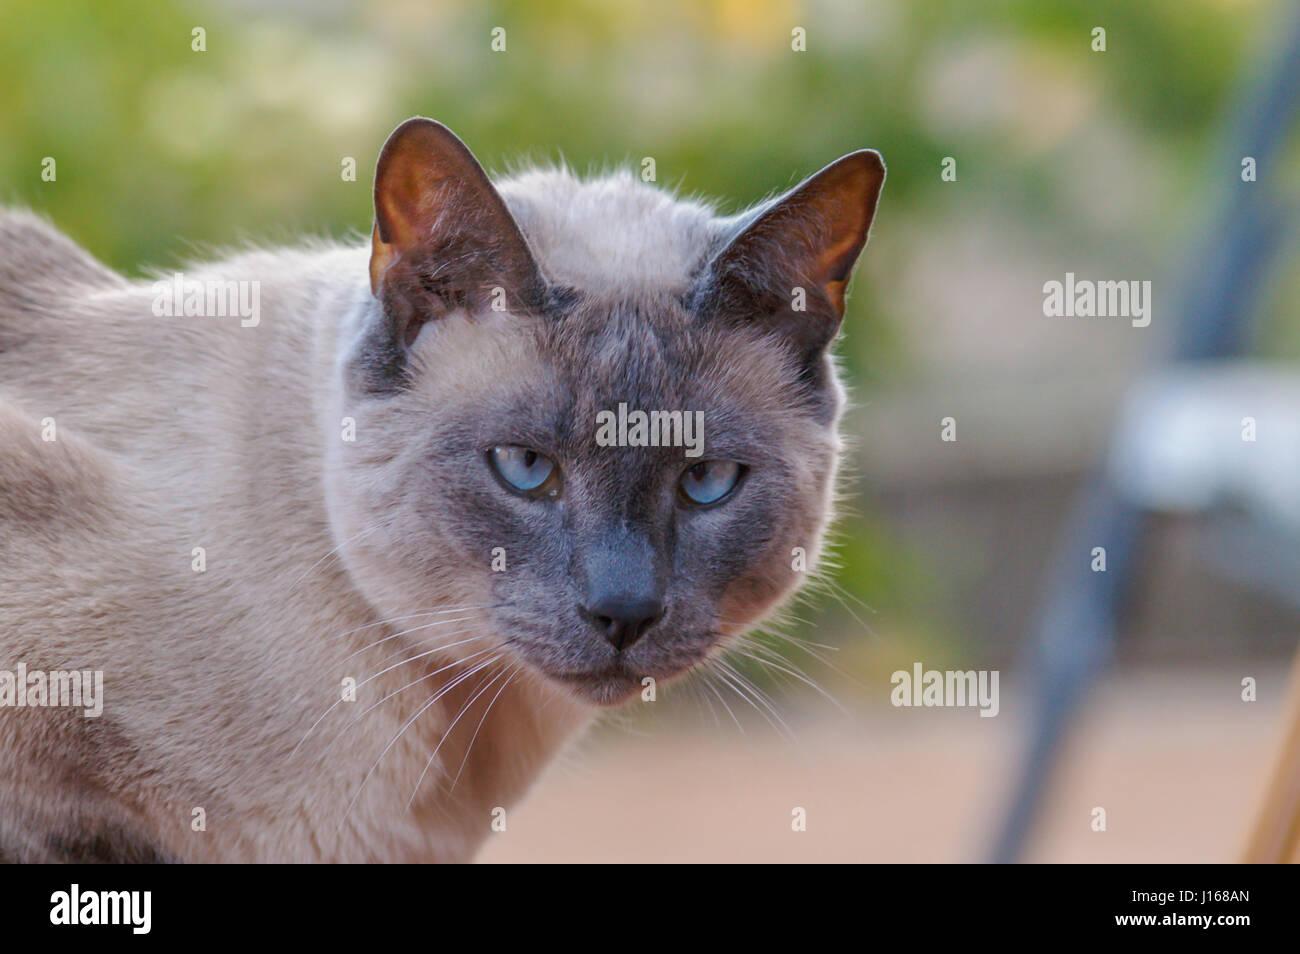 Gatto Siamese Gatto In Chiusura Del Viso è Guardare Nel La Lente